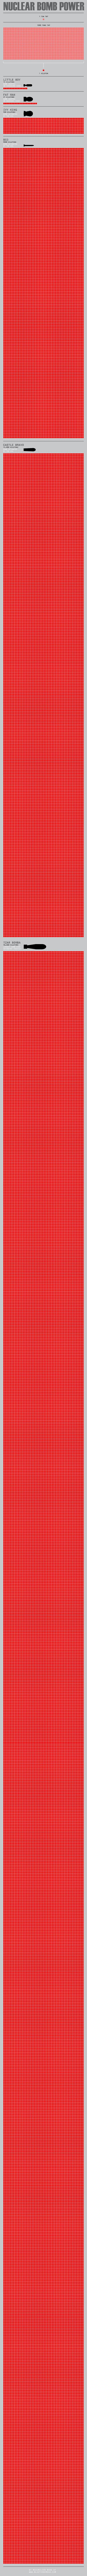 Atomová bomba - infografika